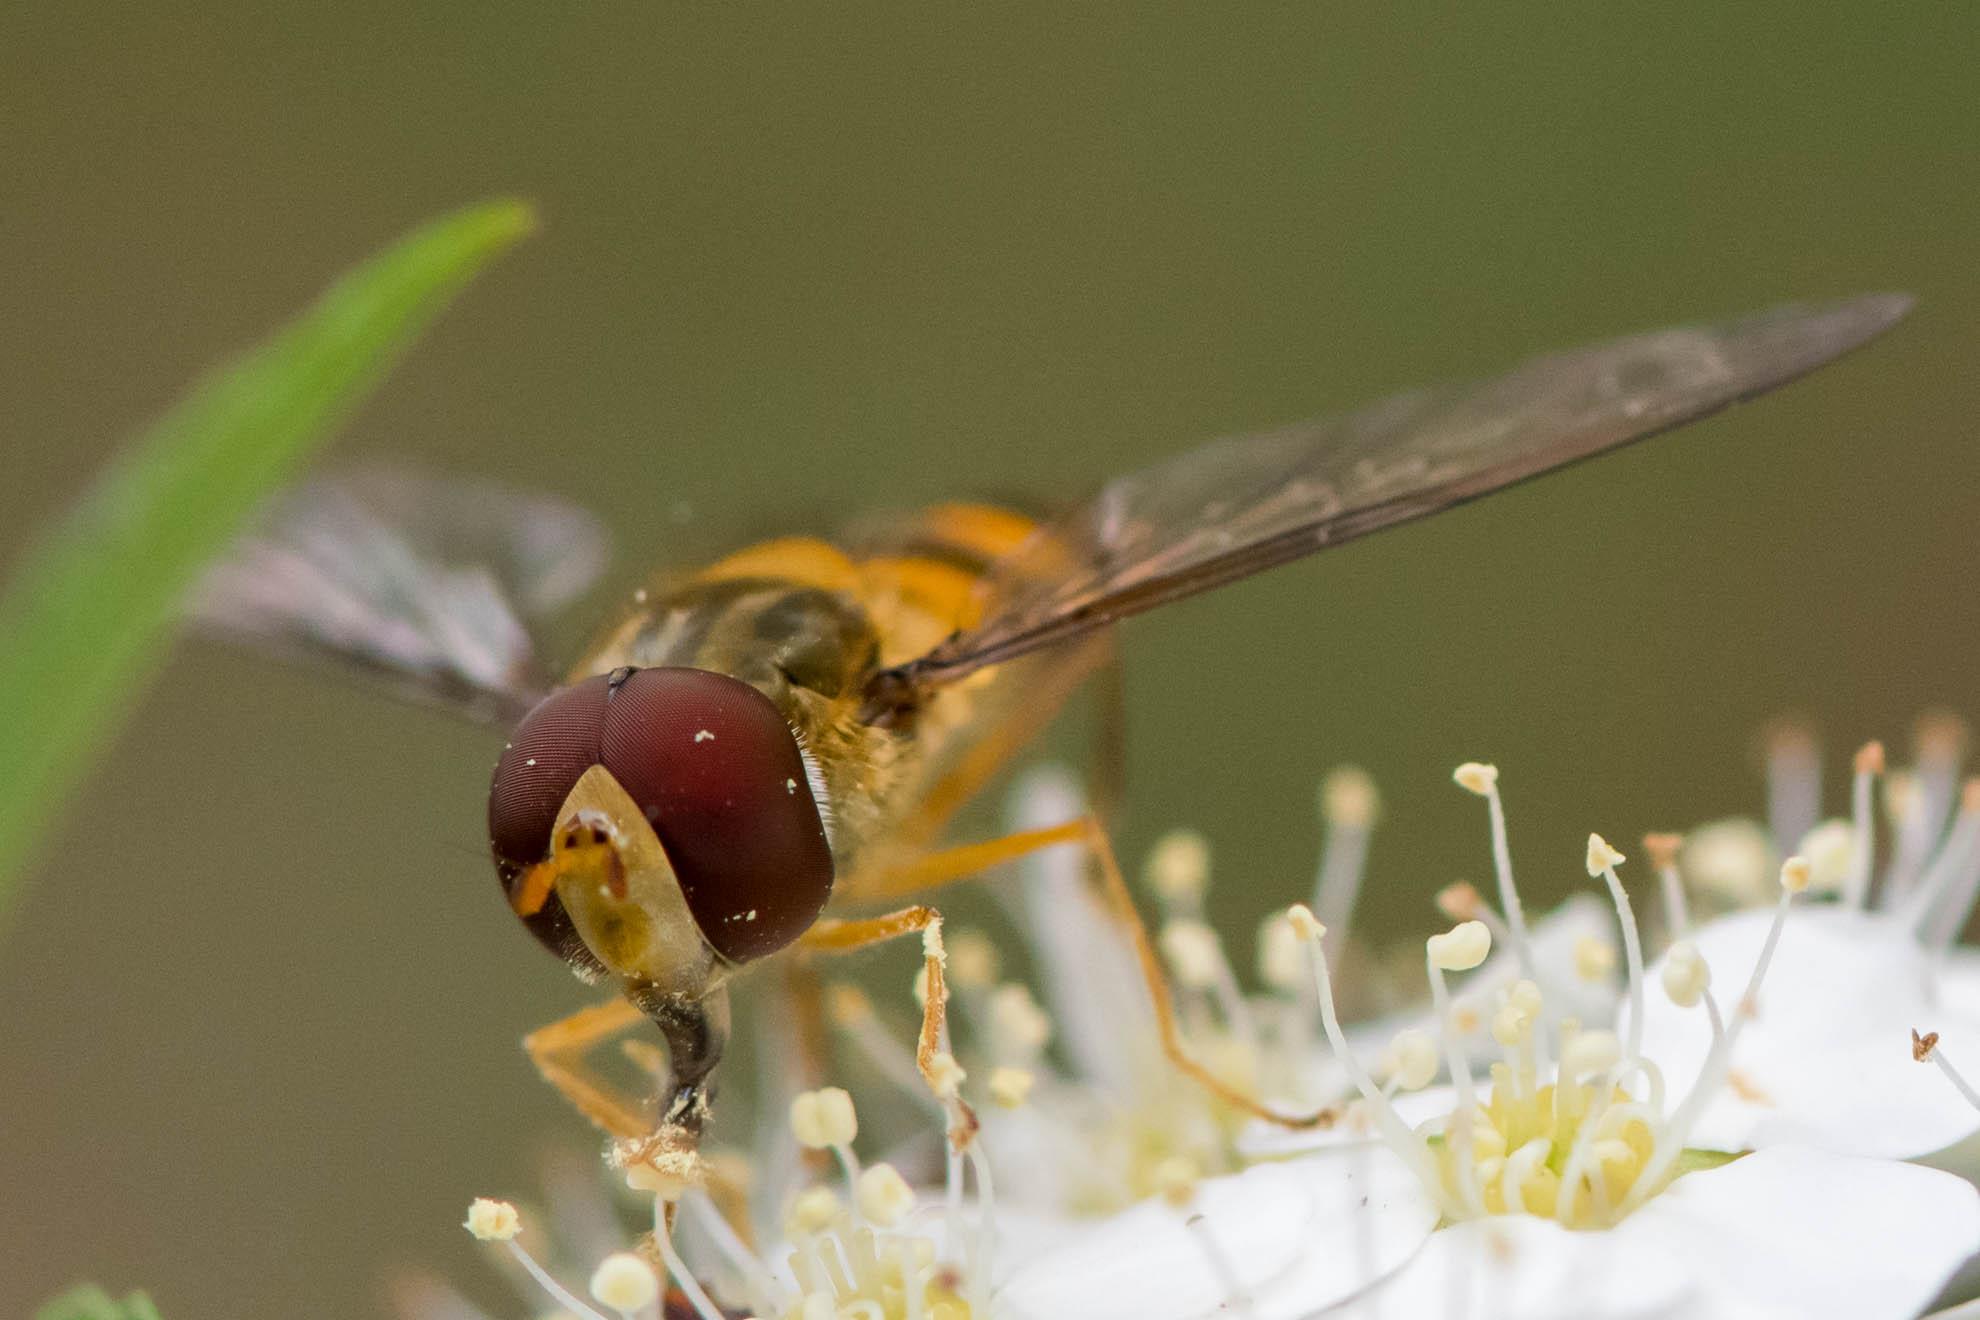 角度次第では完全にハチに見えるホソヒラタアブ